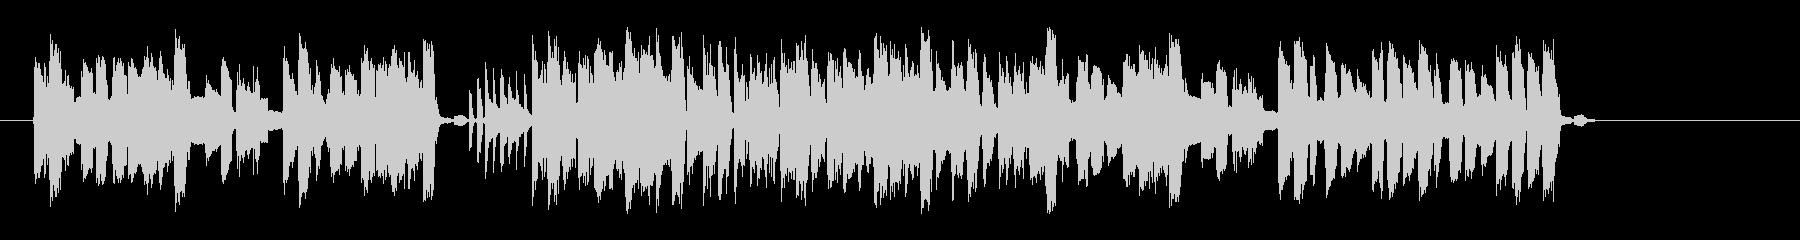 シンセのリズムが現代的なポップスの未再生の波形